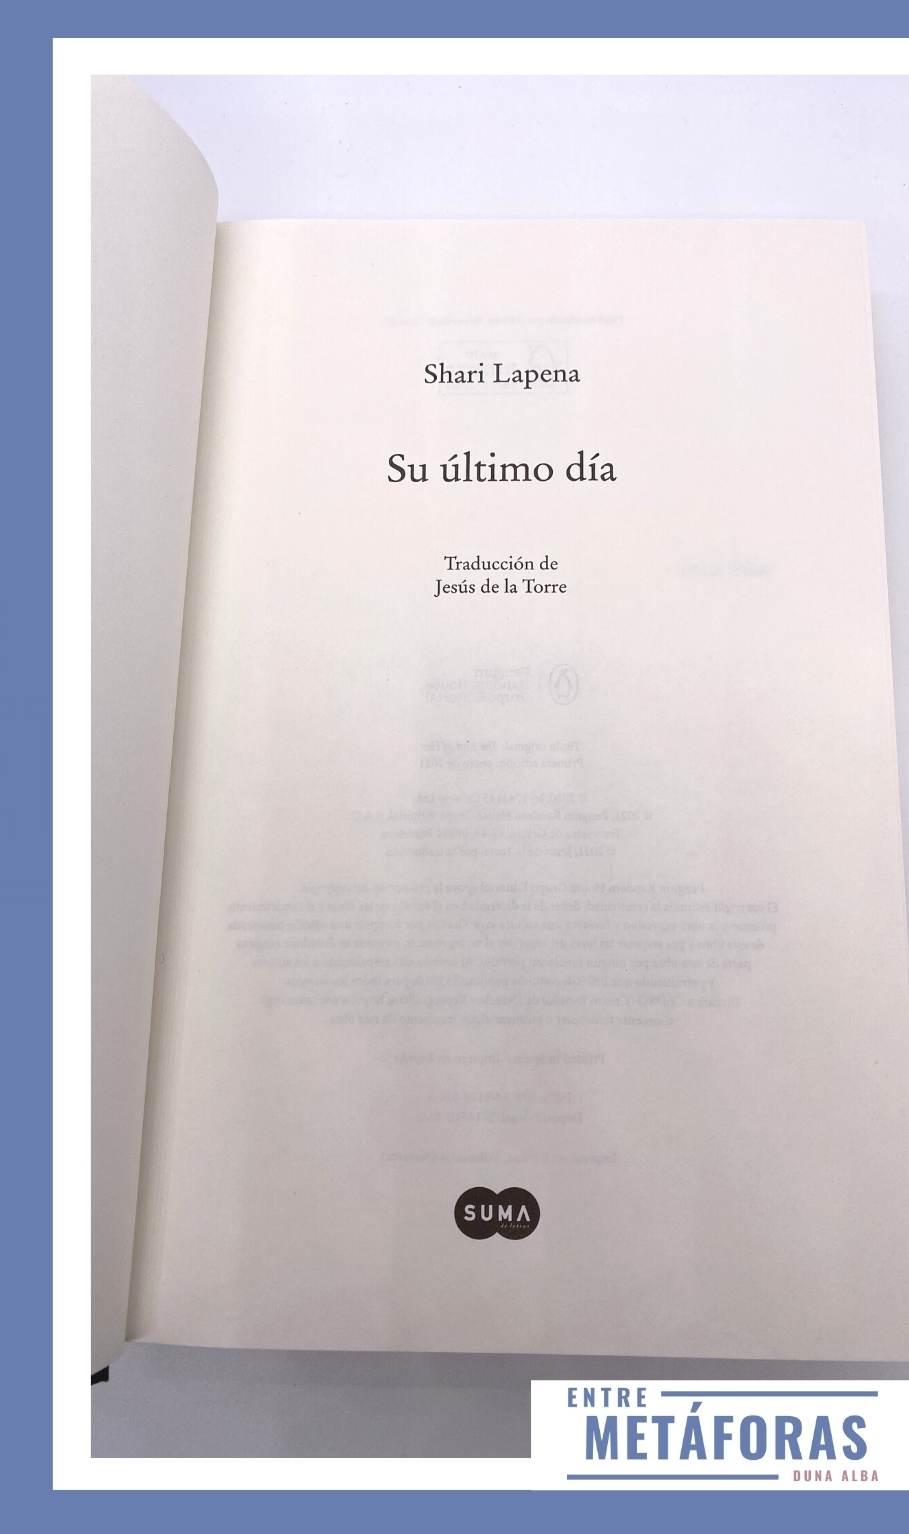 Su último día, de Shari Lapena